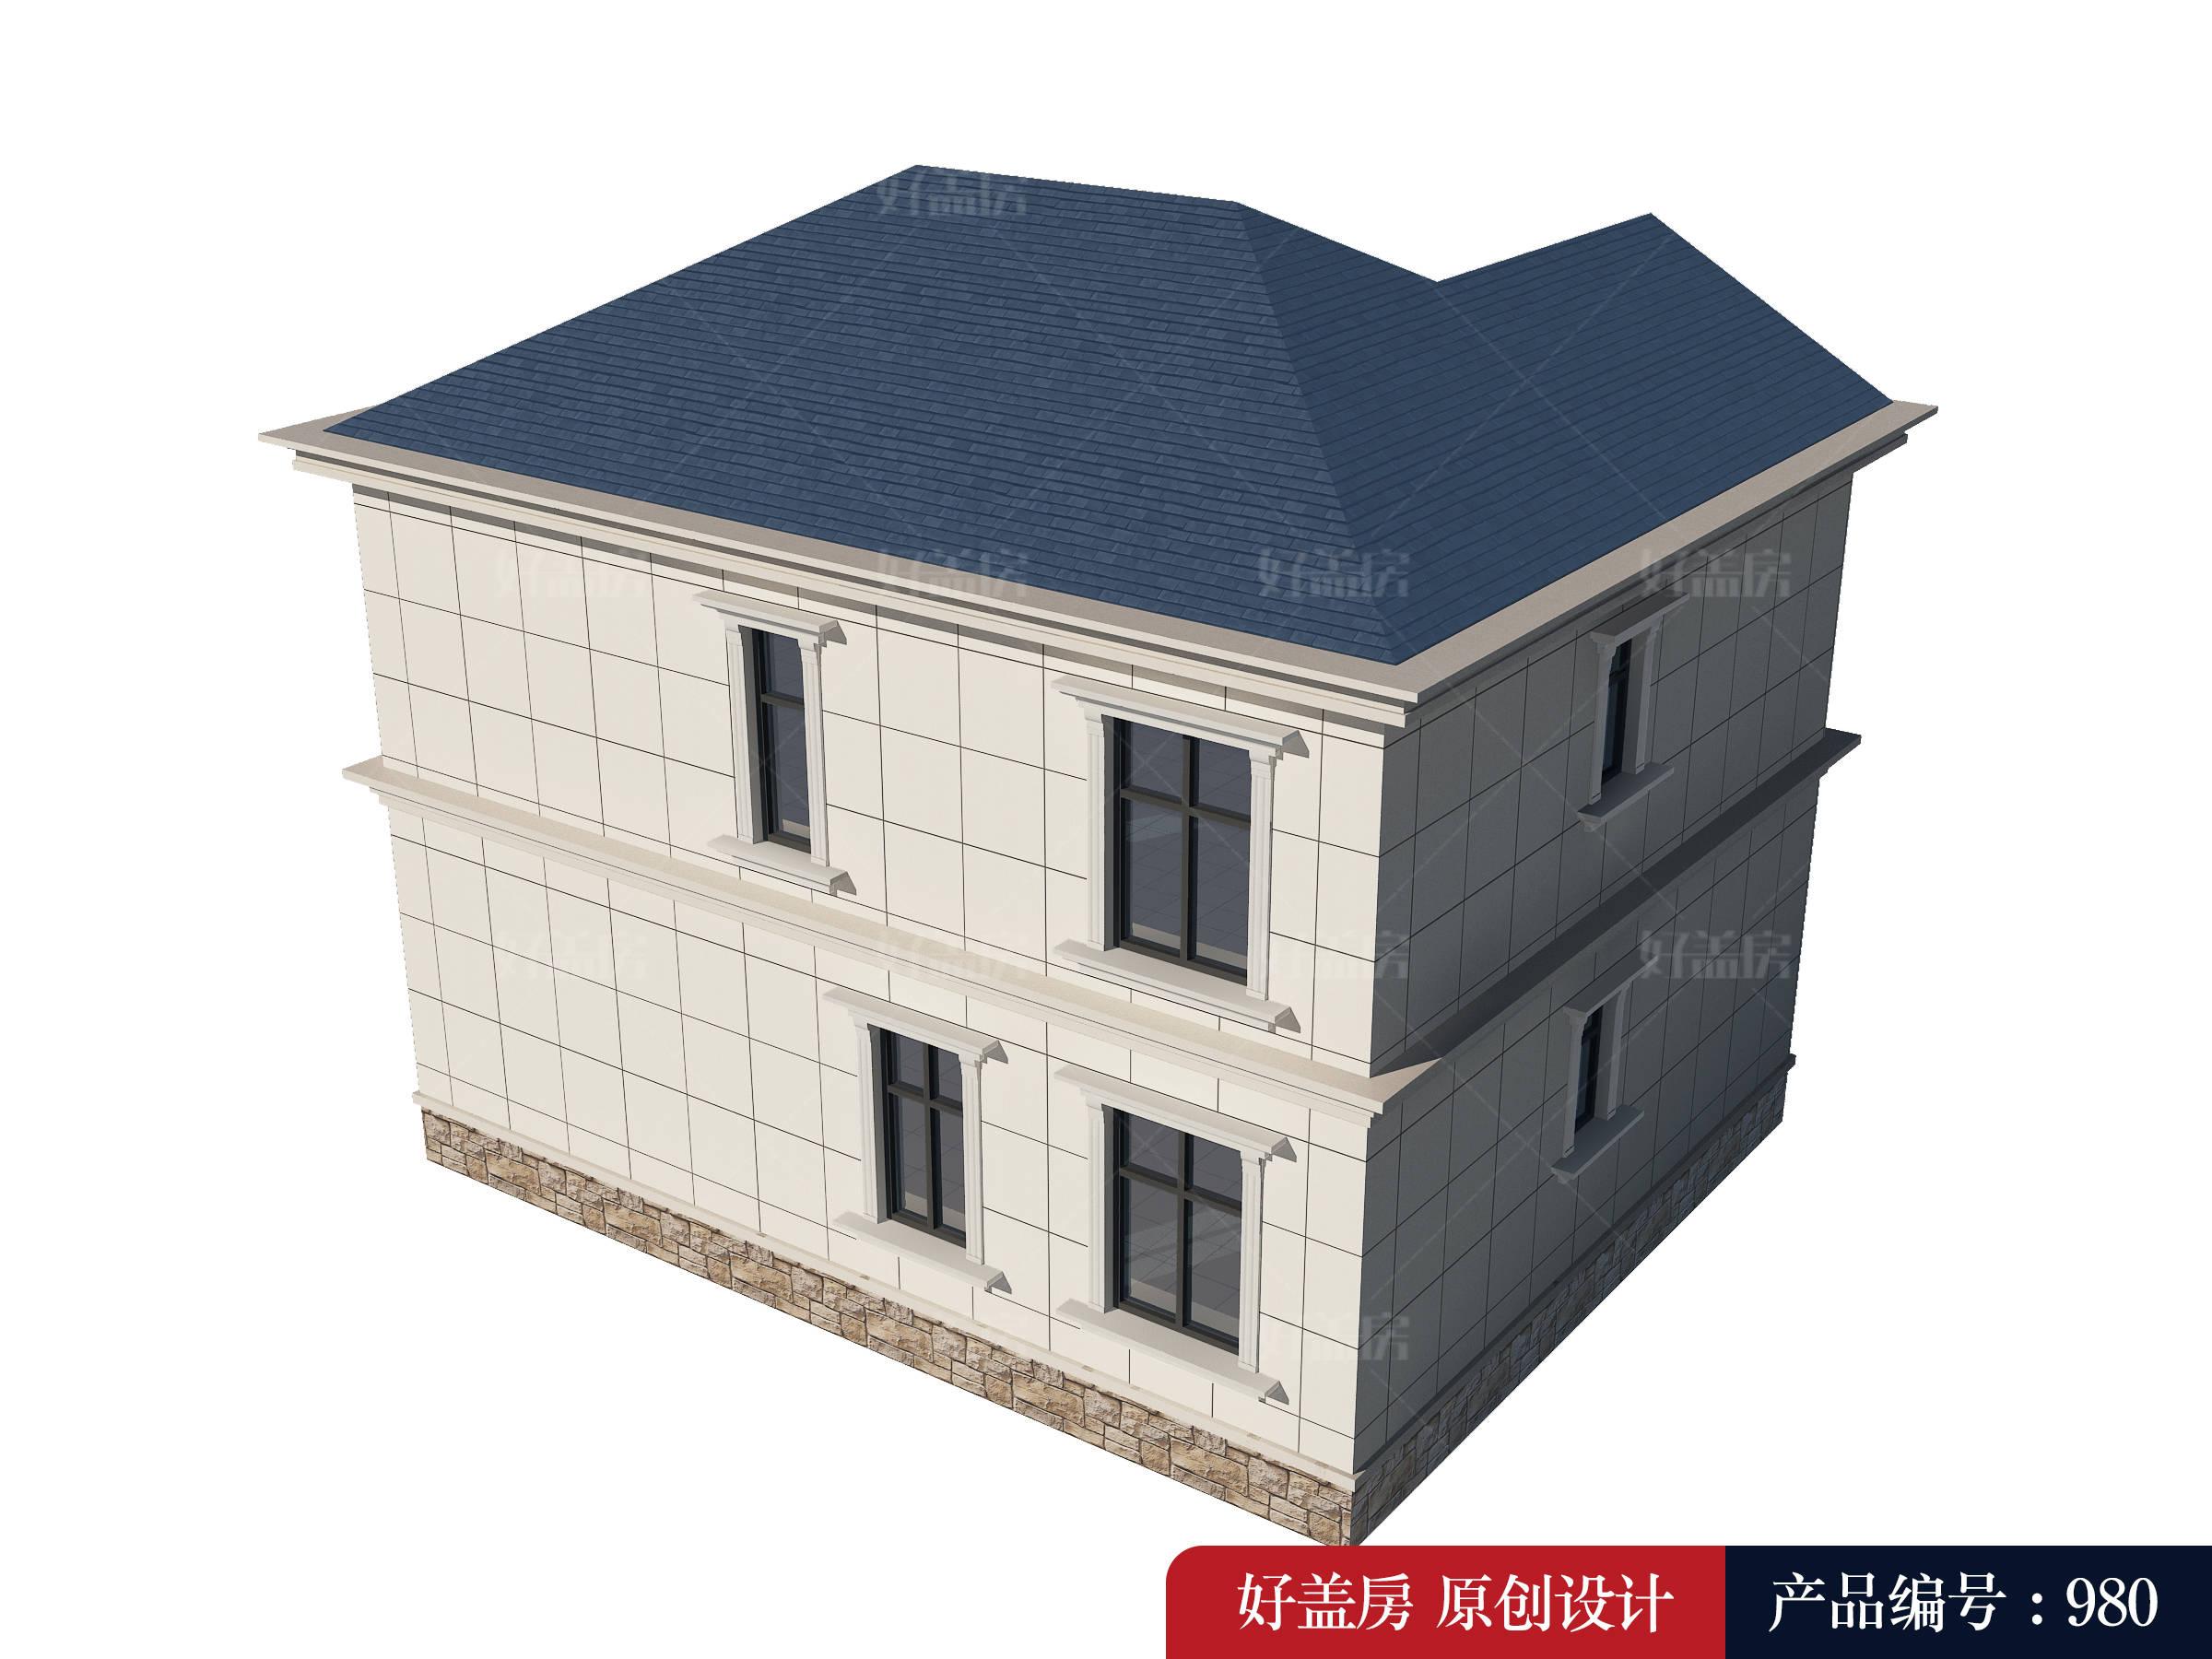 盖房子 自己 设计图 地基宽10米深12米